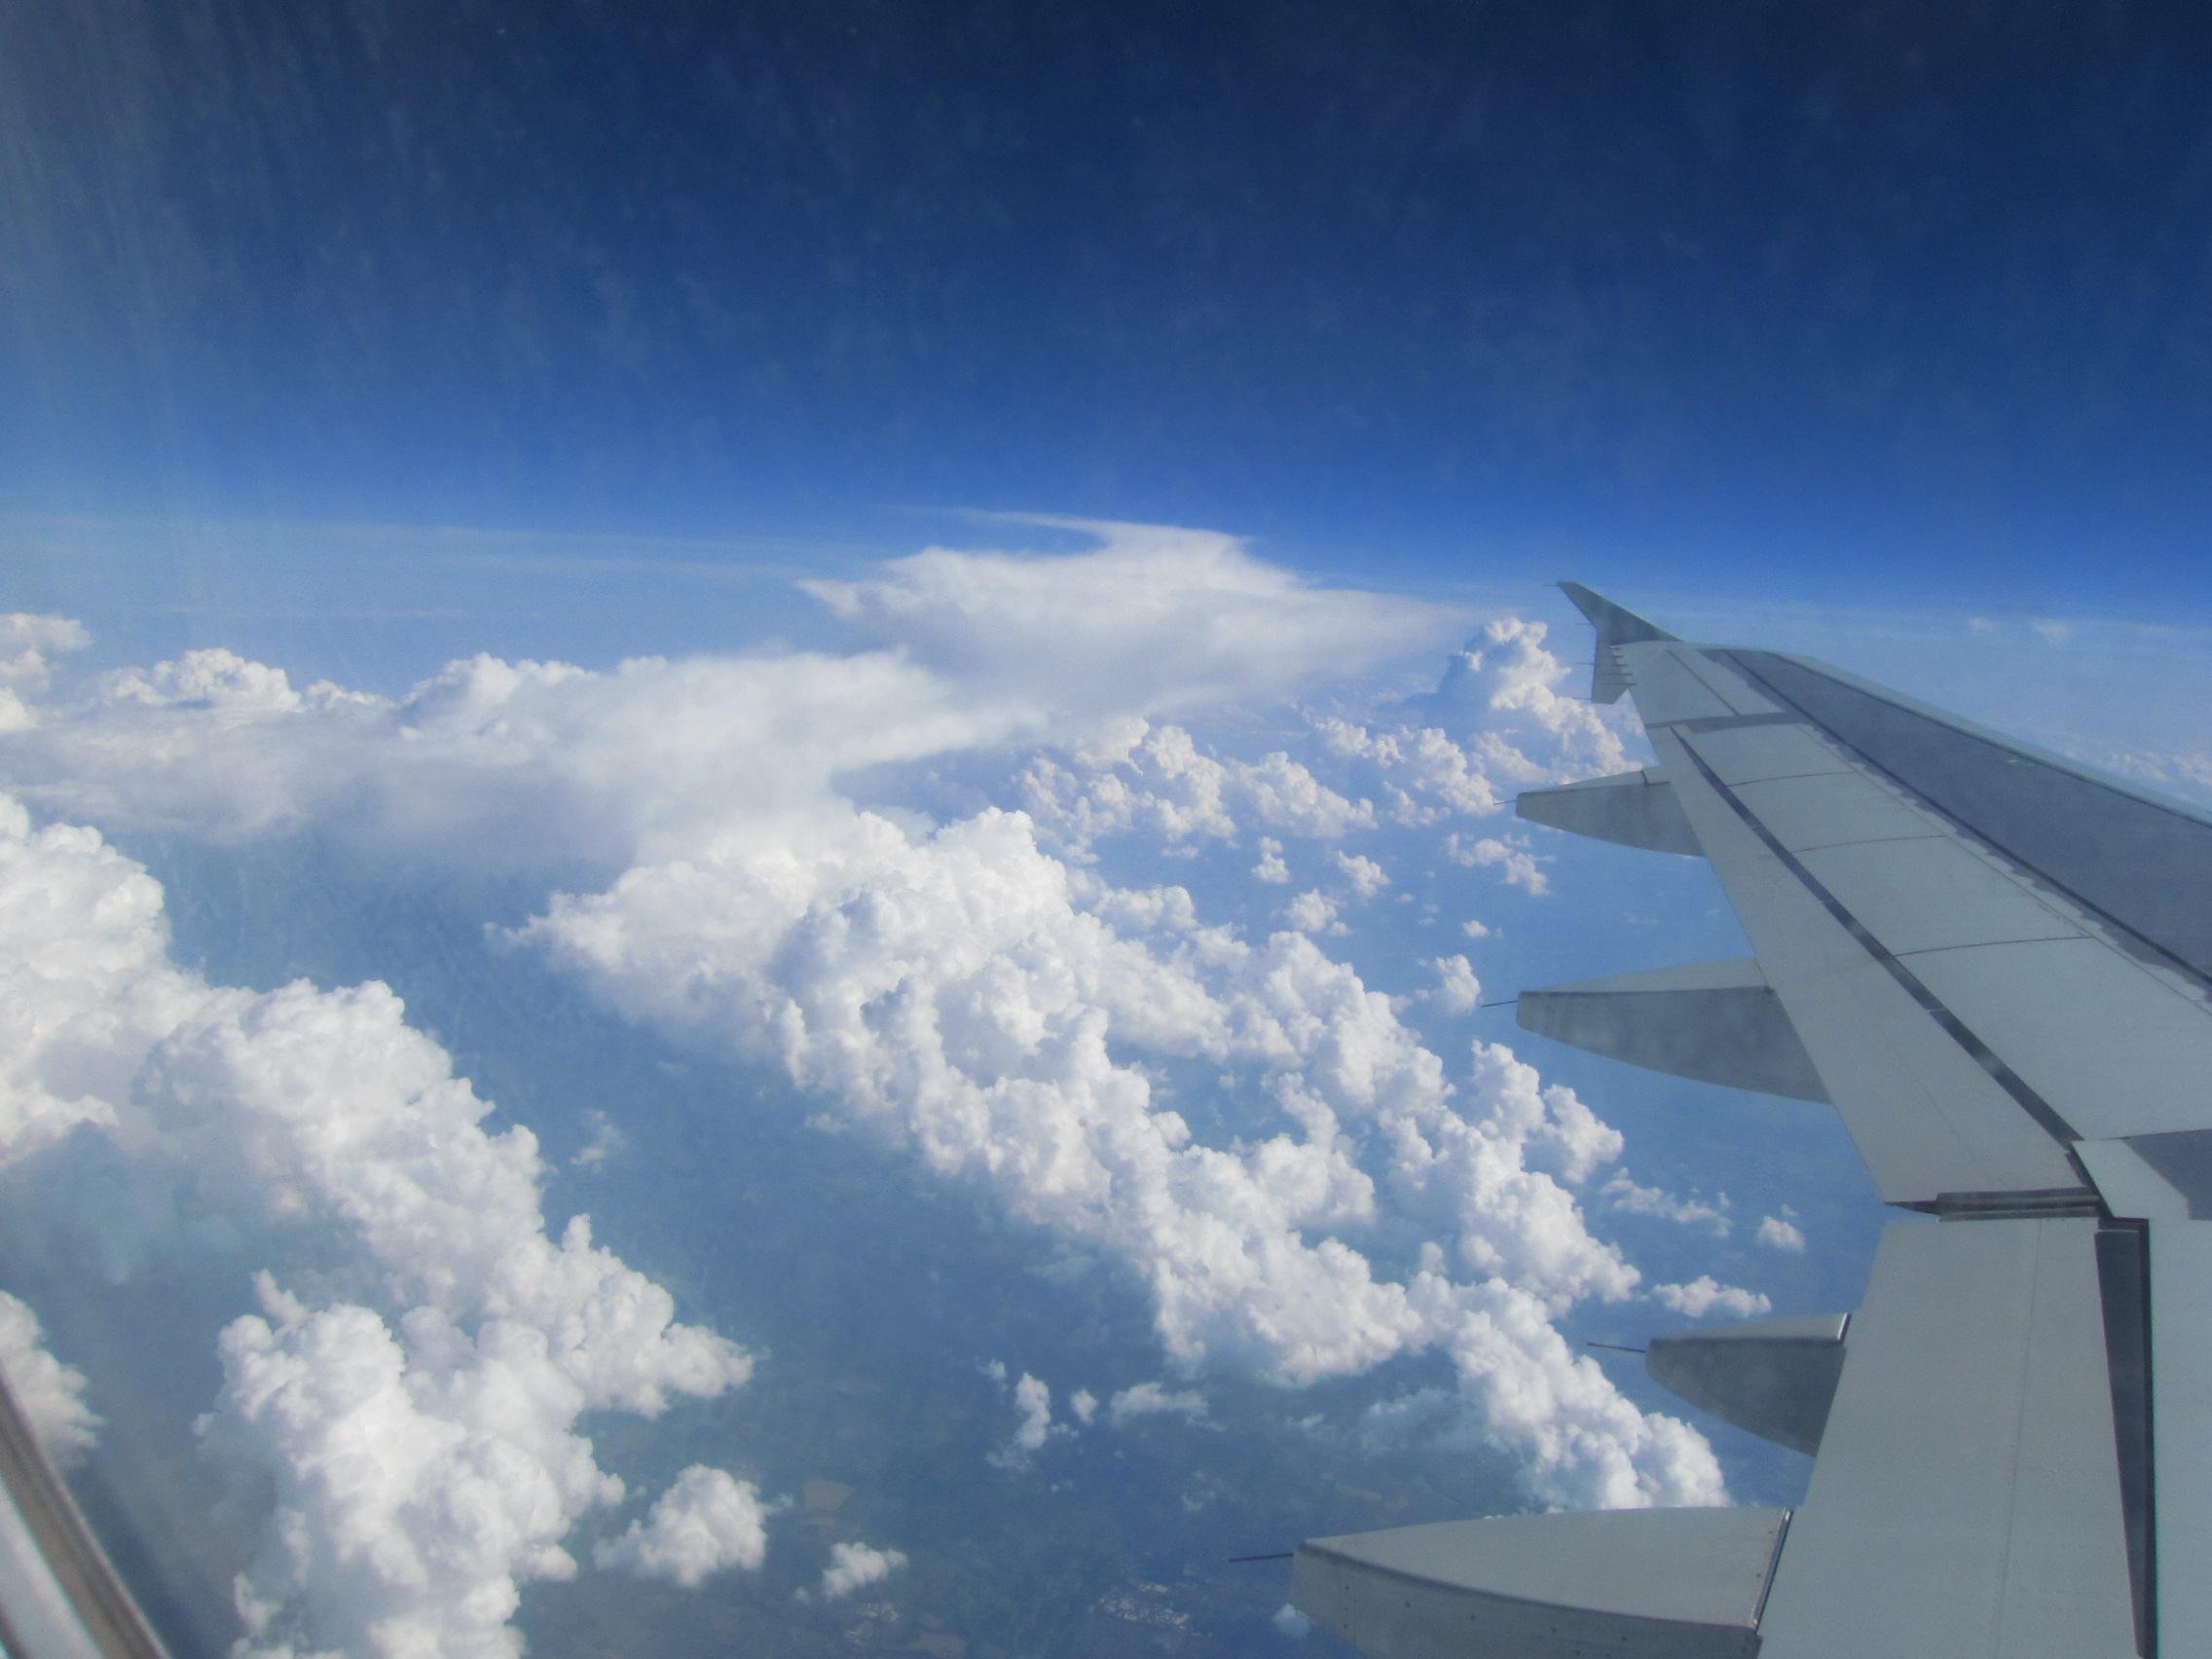 イギリスブリテン島上空から 積雲・積乱雲の発達 強い風Windy